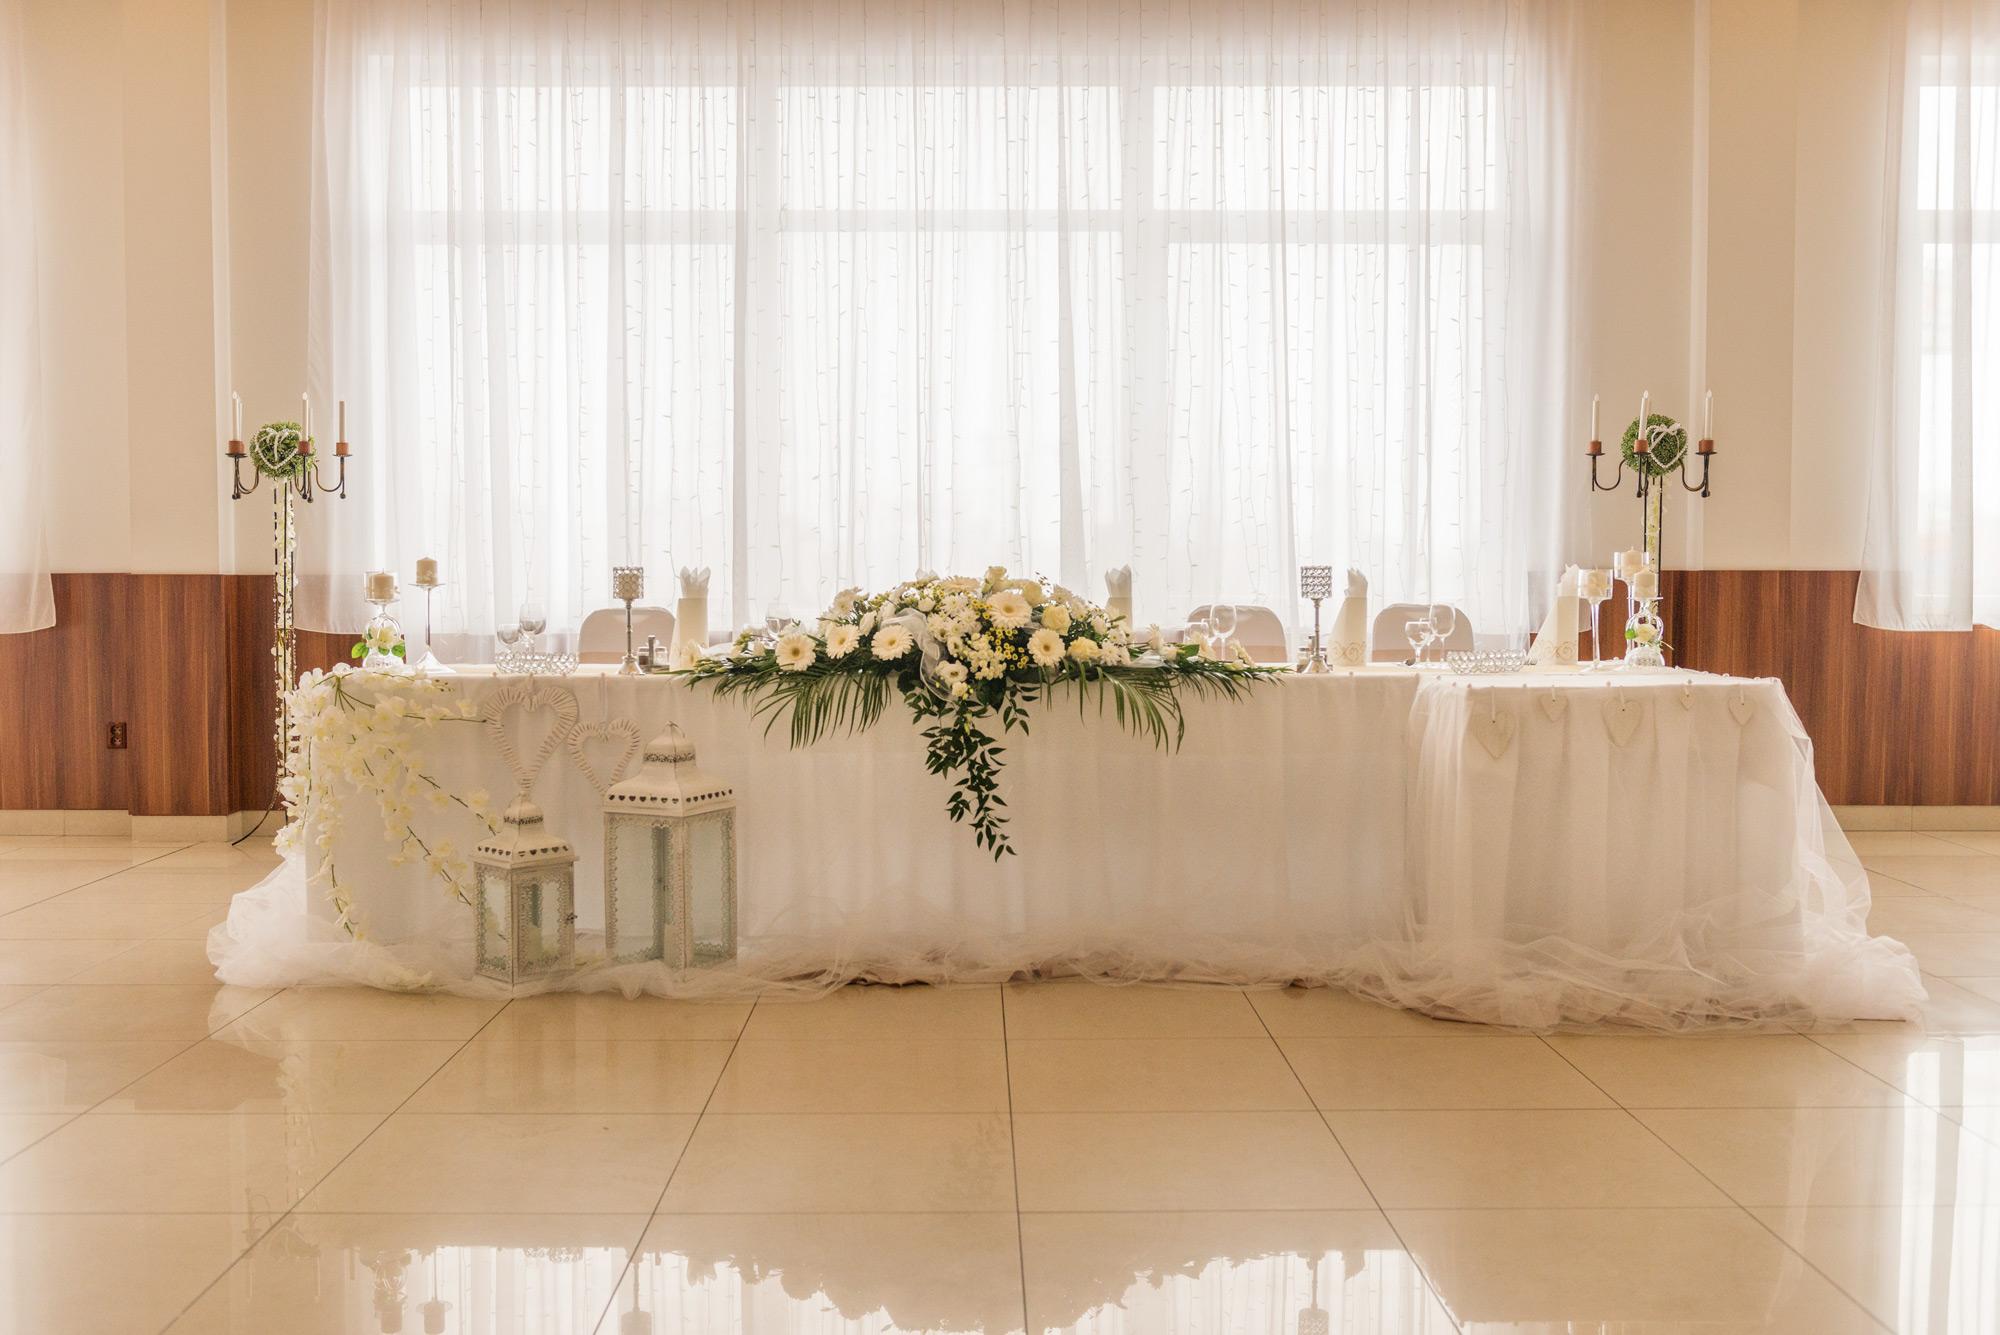 Svadba v Hoteli Patriot*** - Vranov nad Topľou, Svadobná sála, Svadobná hostina